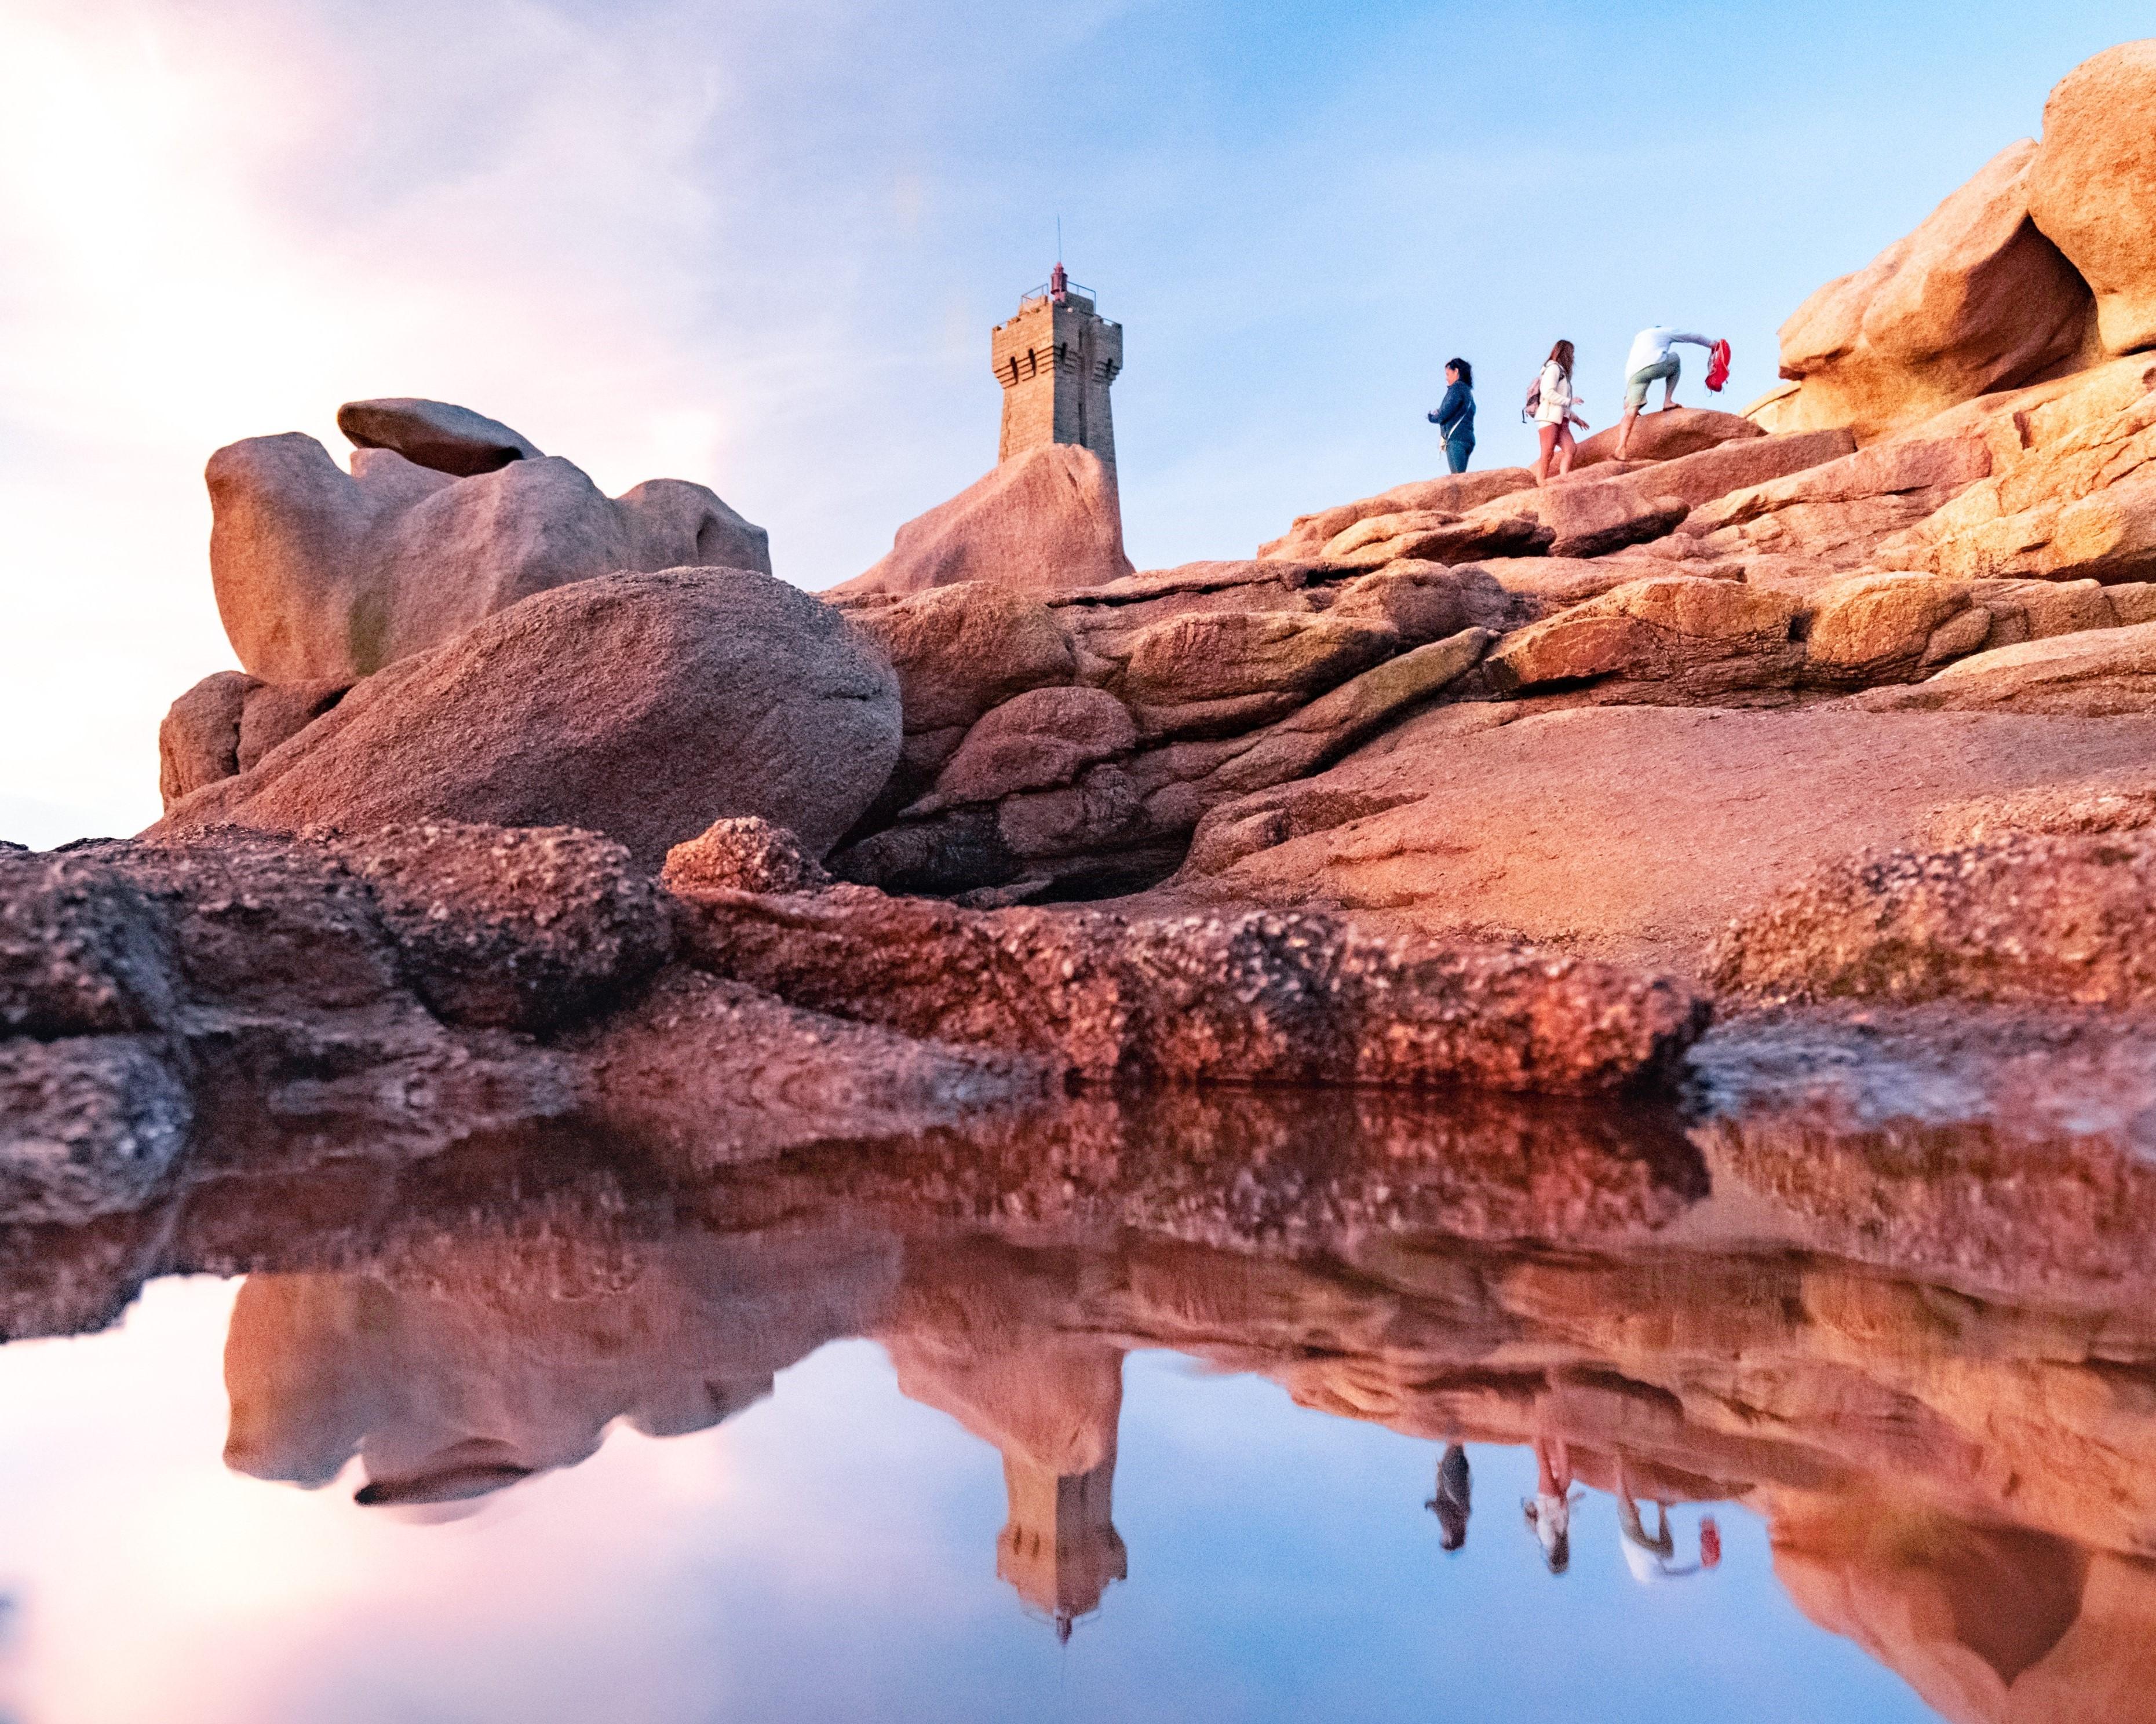 Les étonnants rochers de granit rose autour du phare de Men Ruiz Ploumanaach. Thibault Poriel/SB;